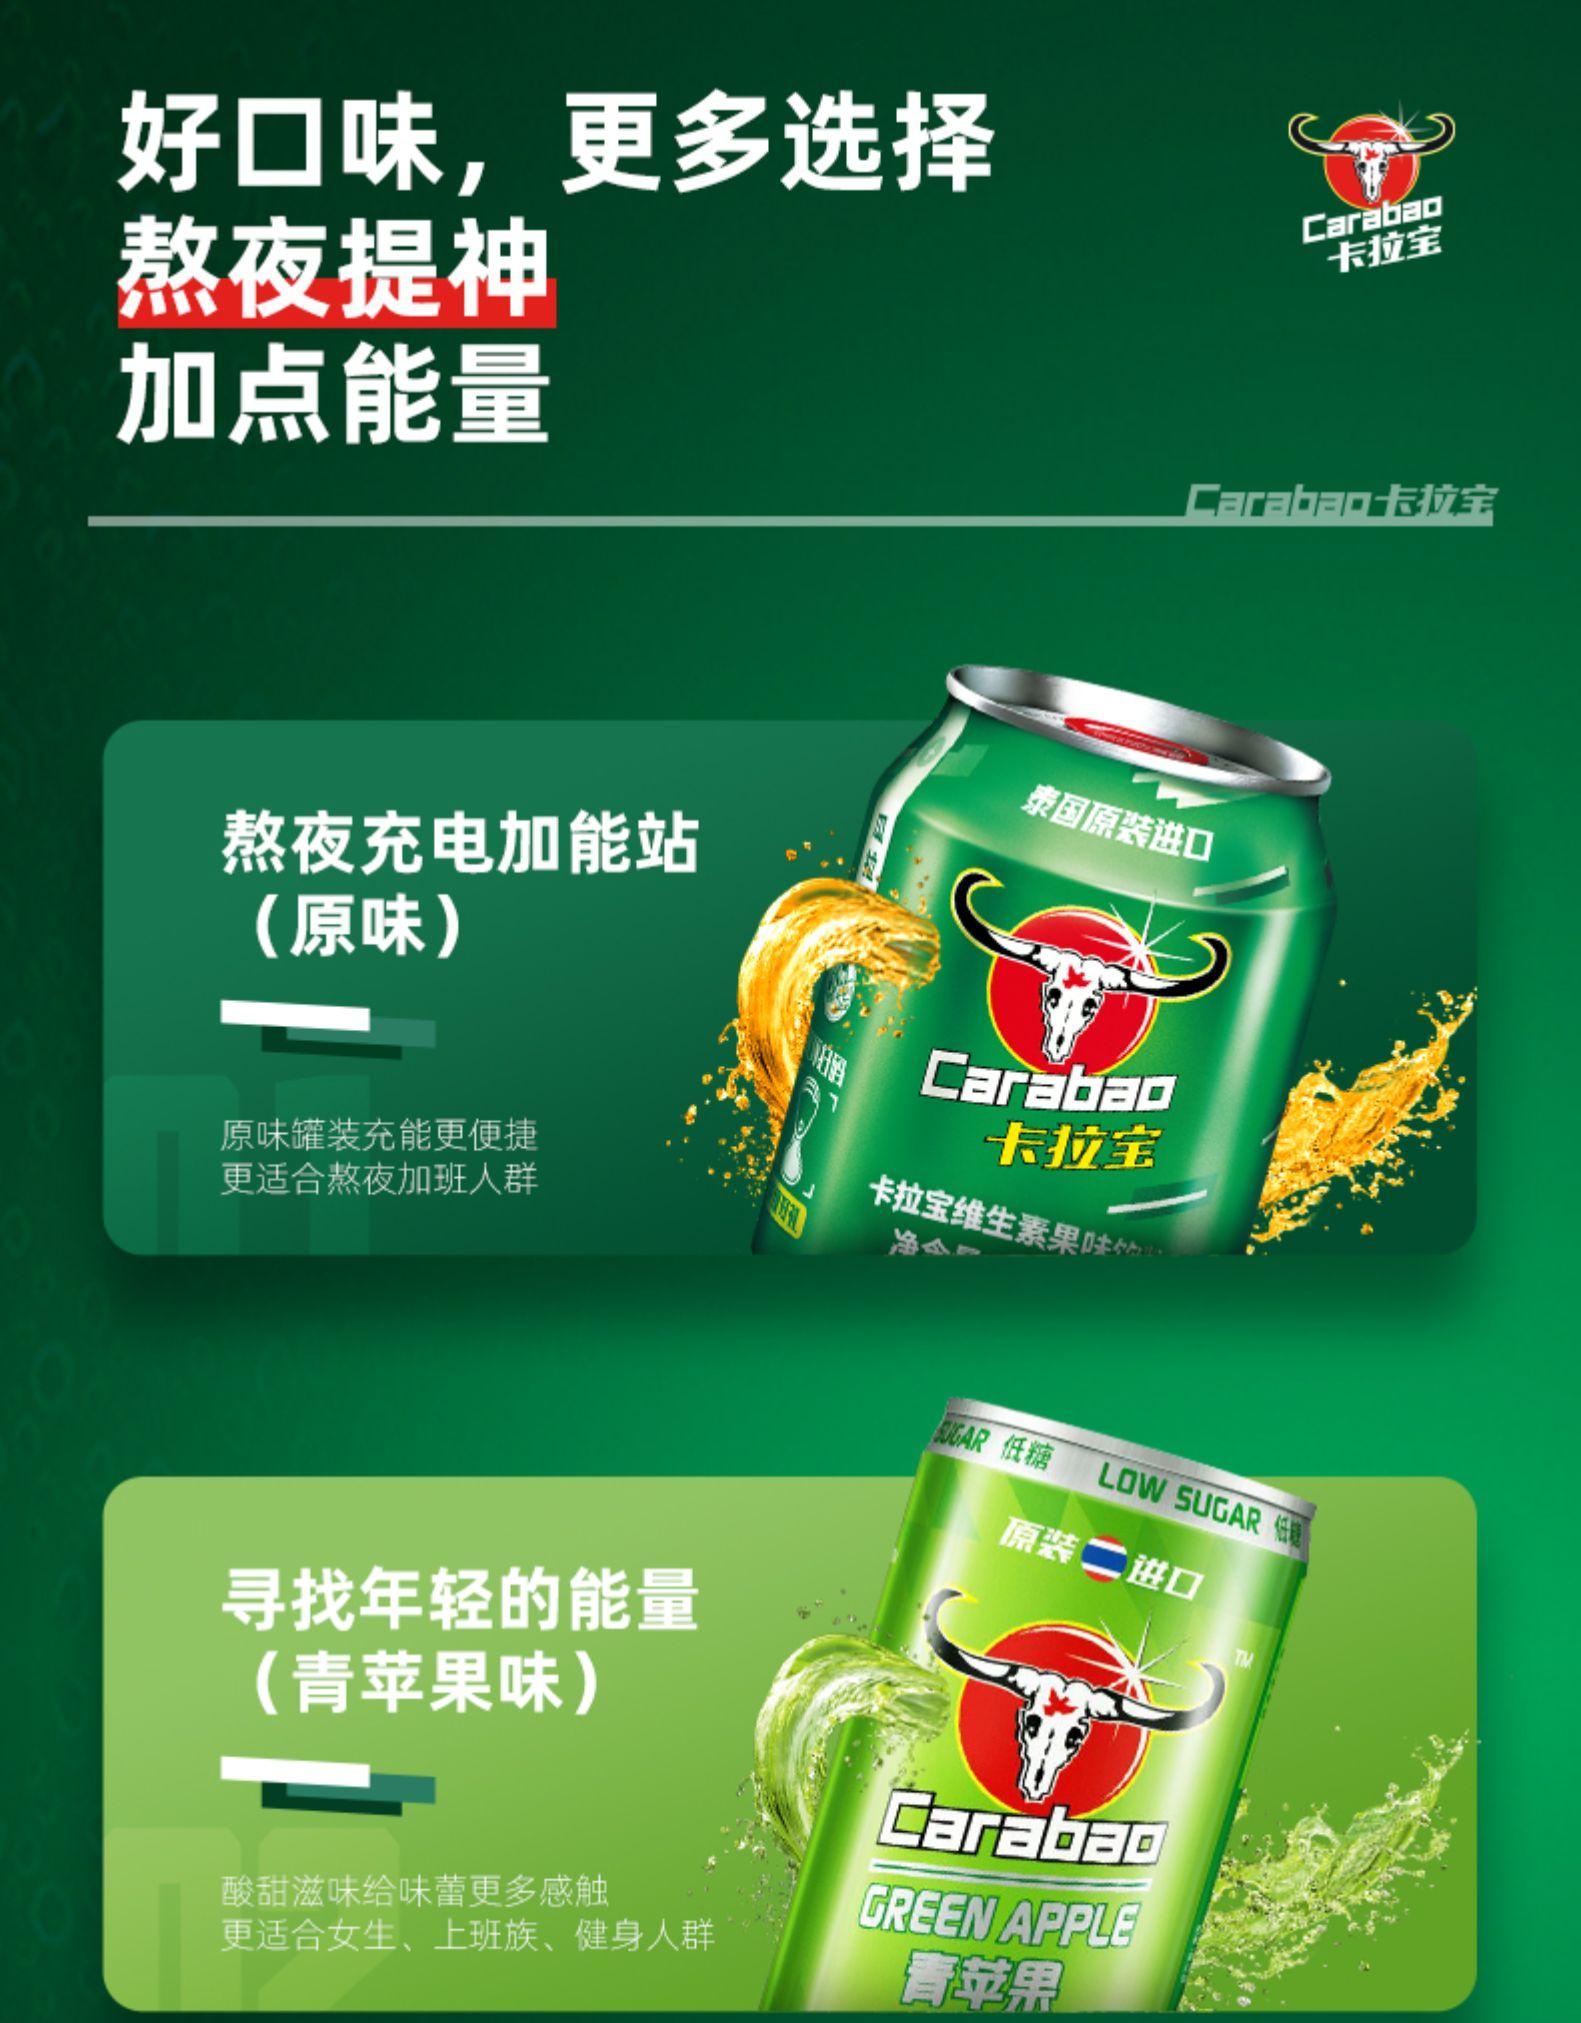 泰国 Carabao卡拉宝 维生素运动功能饮料 250ml*12罐 图11